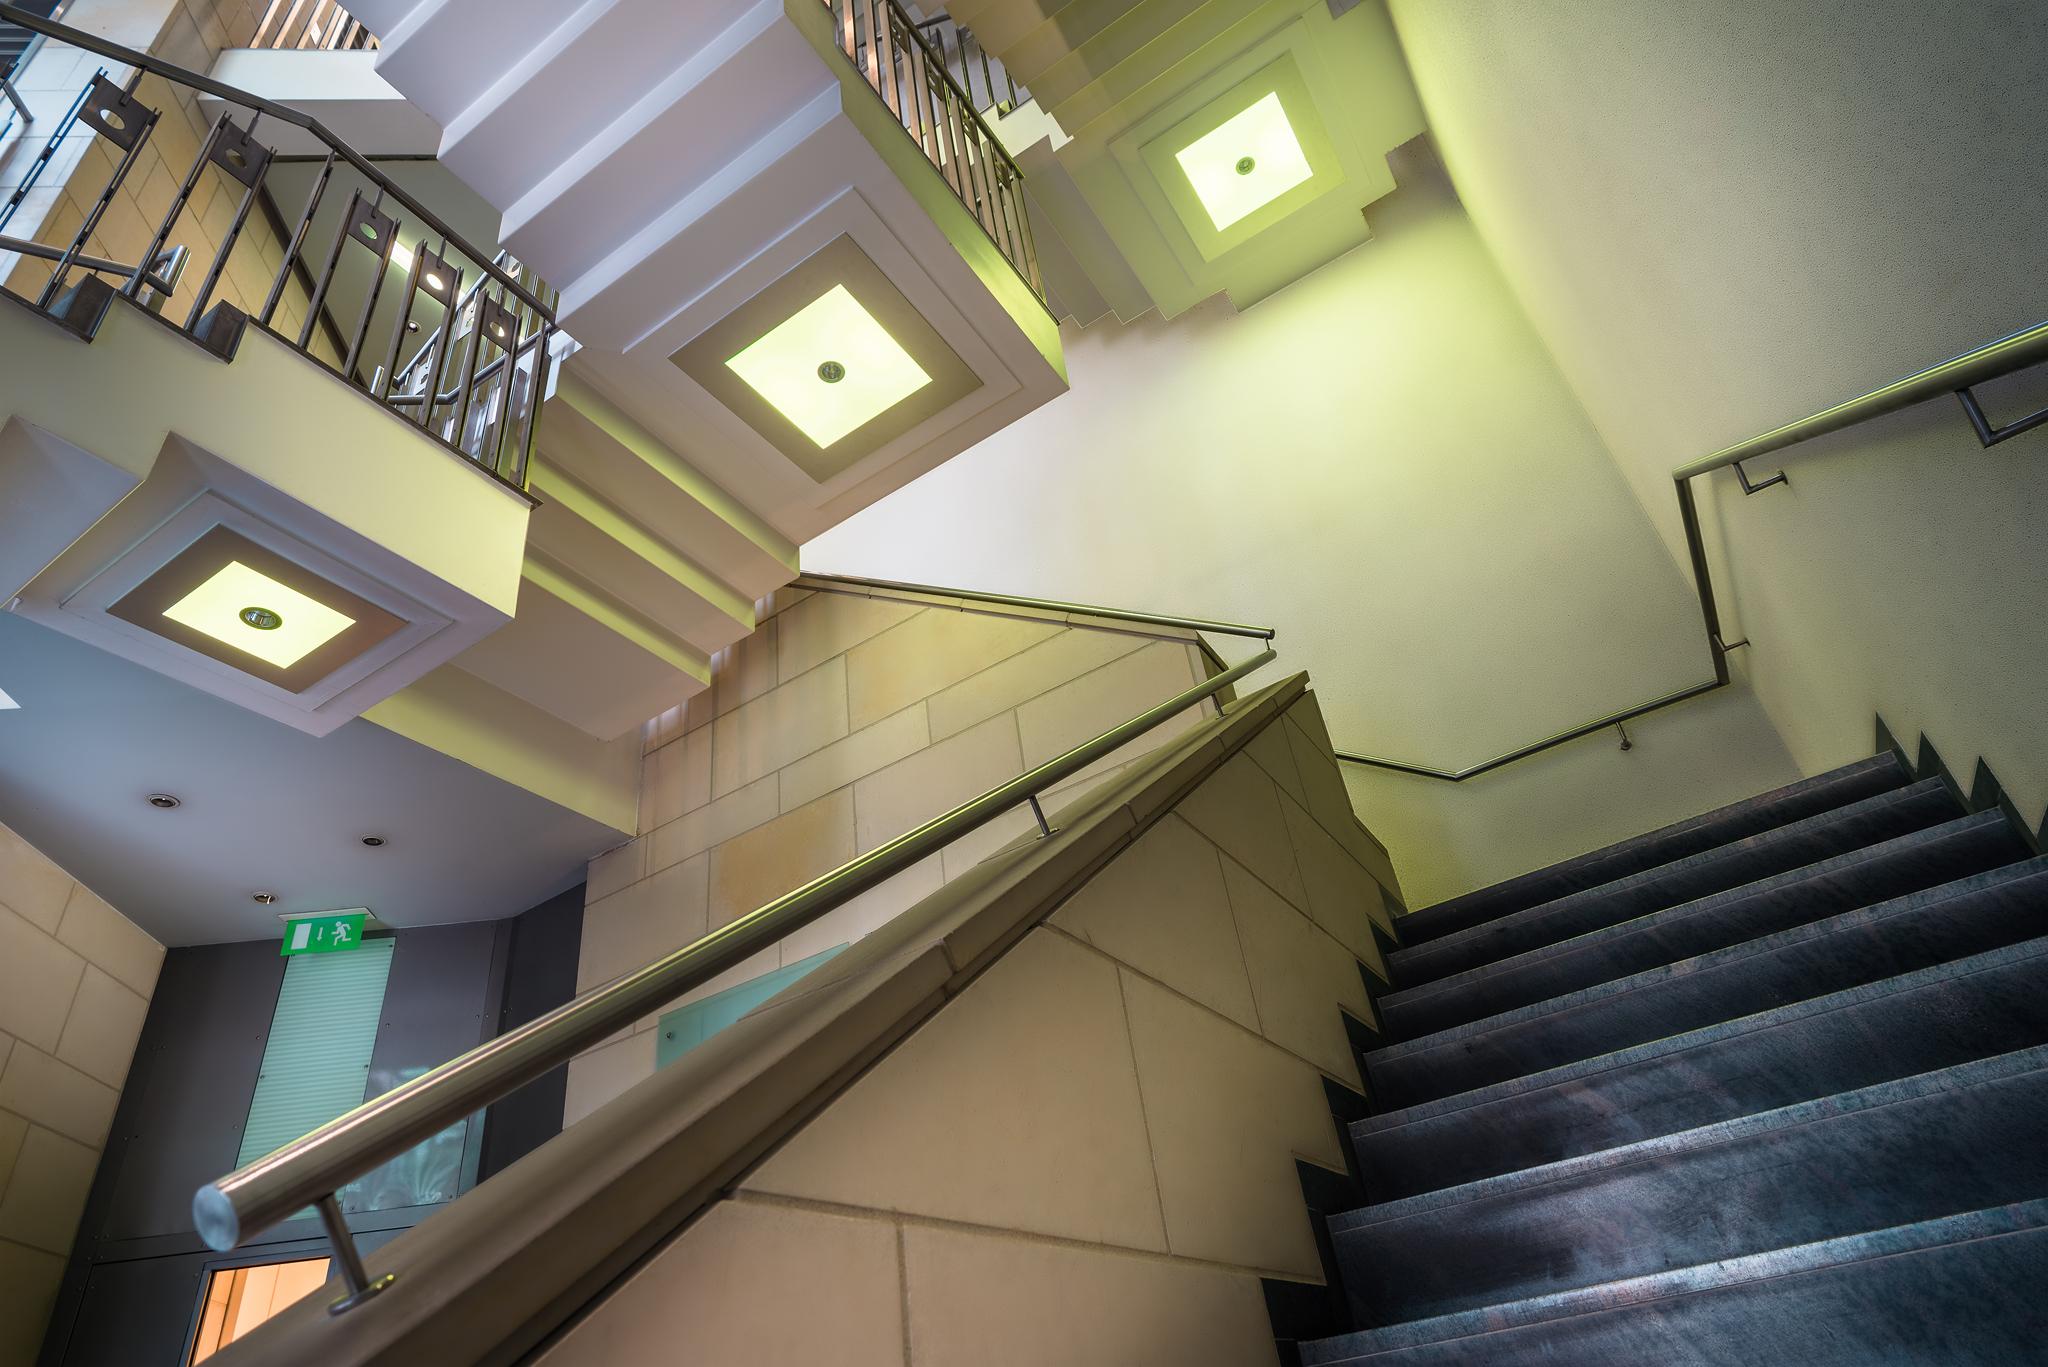 Treppenhaus architektonische Perspektive Immobilienfoto